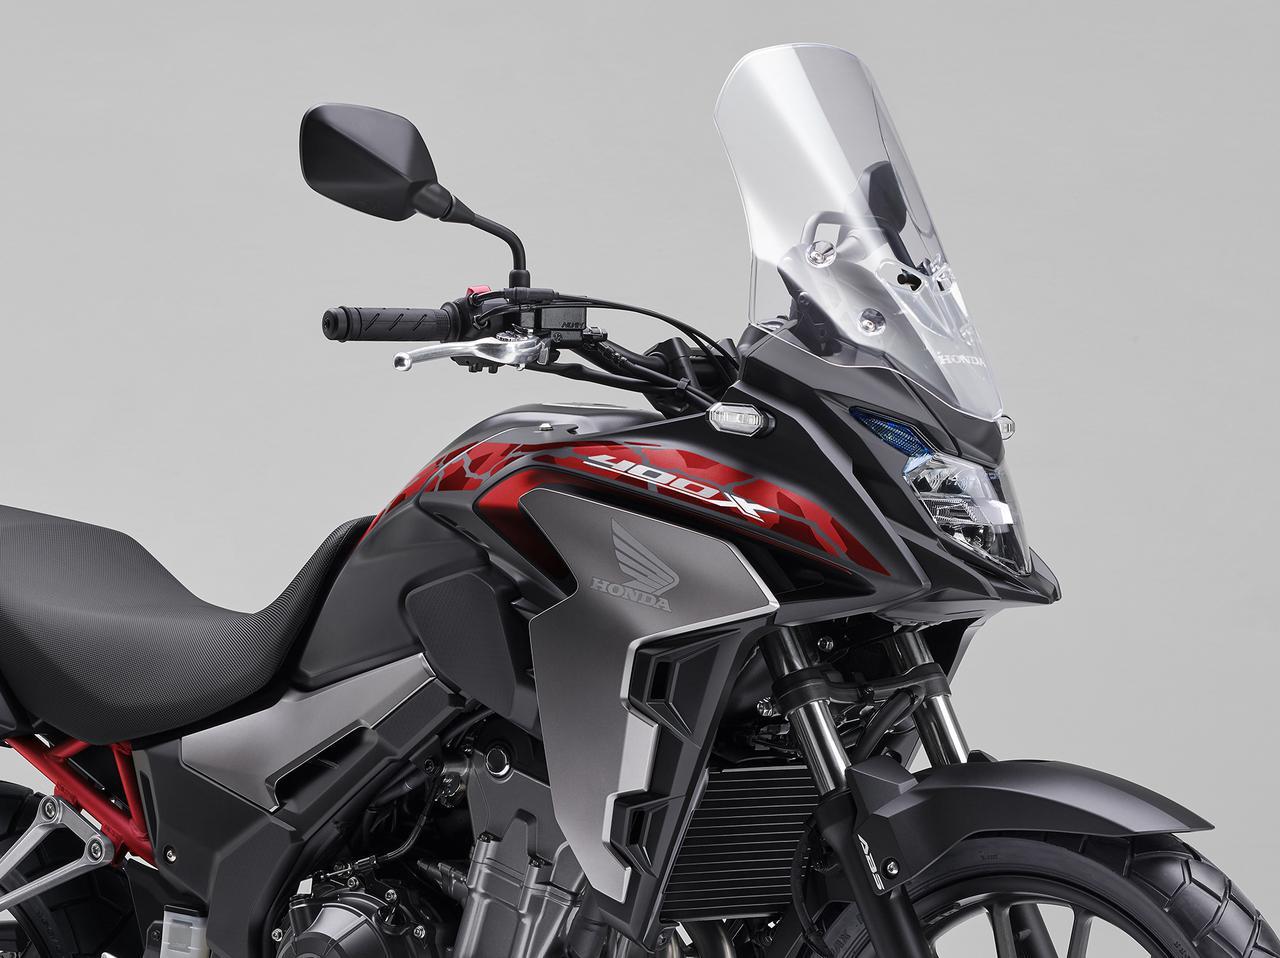 画像: 「400X」 カラーバリエーション - webオートバイ